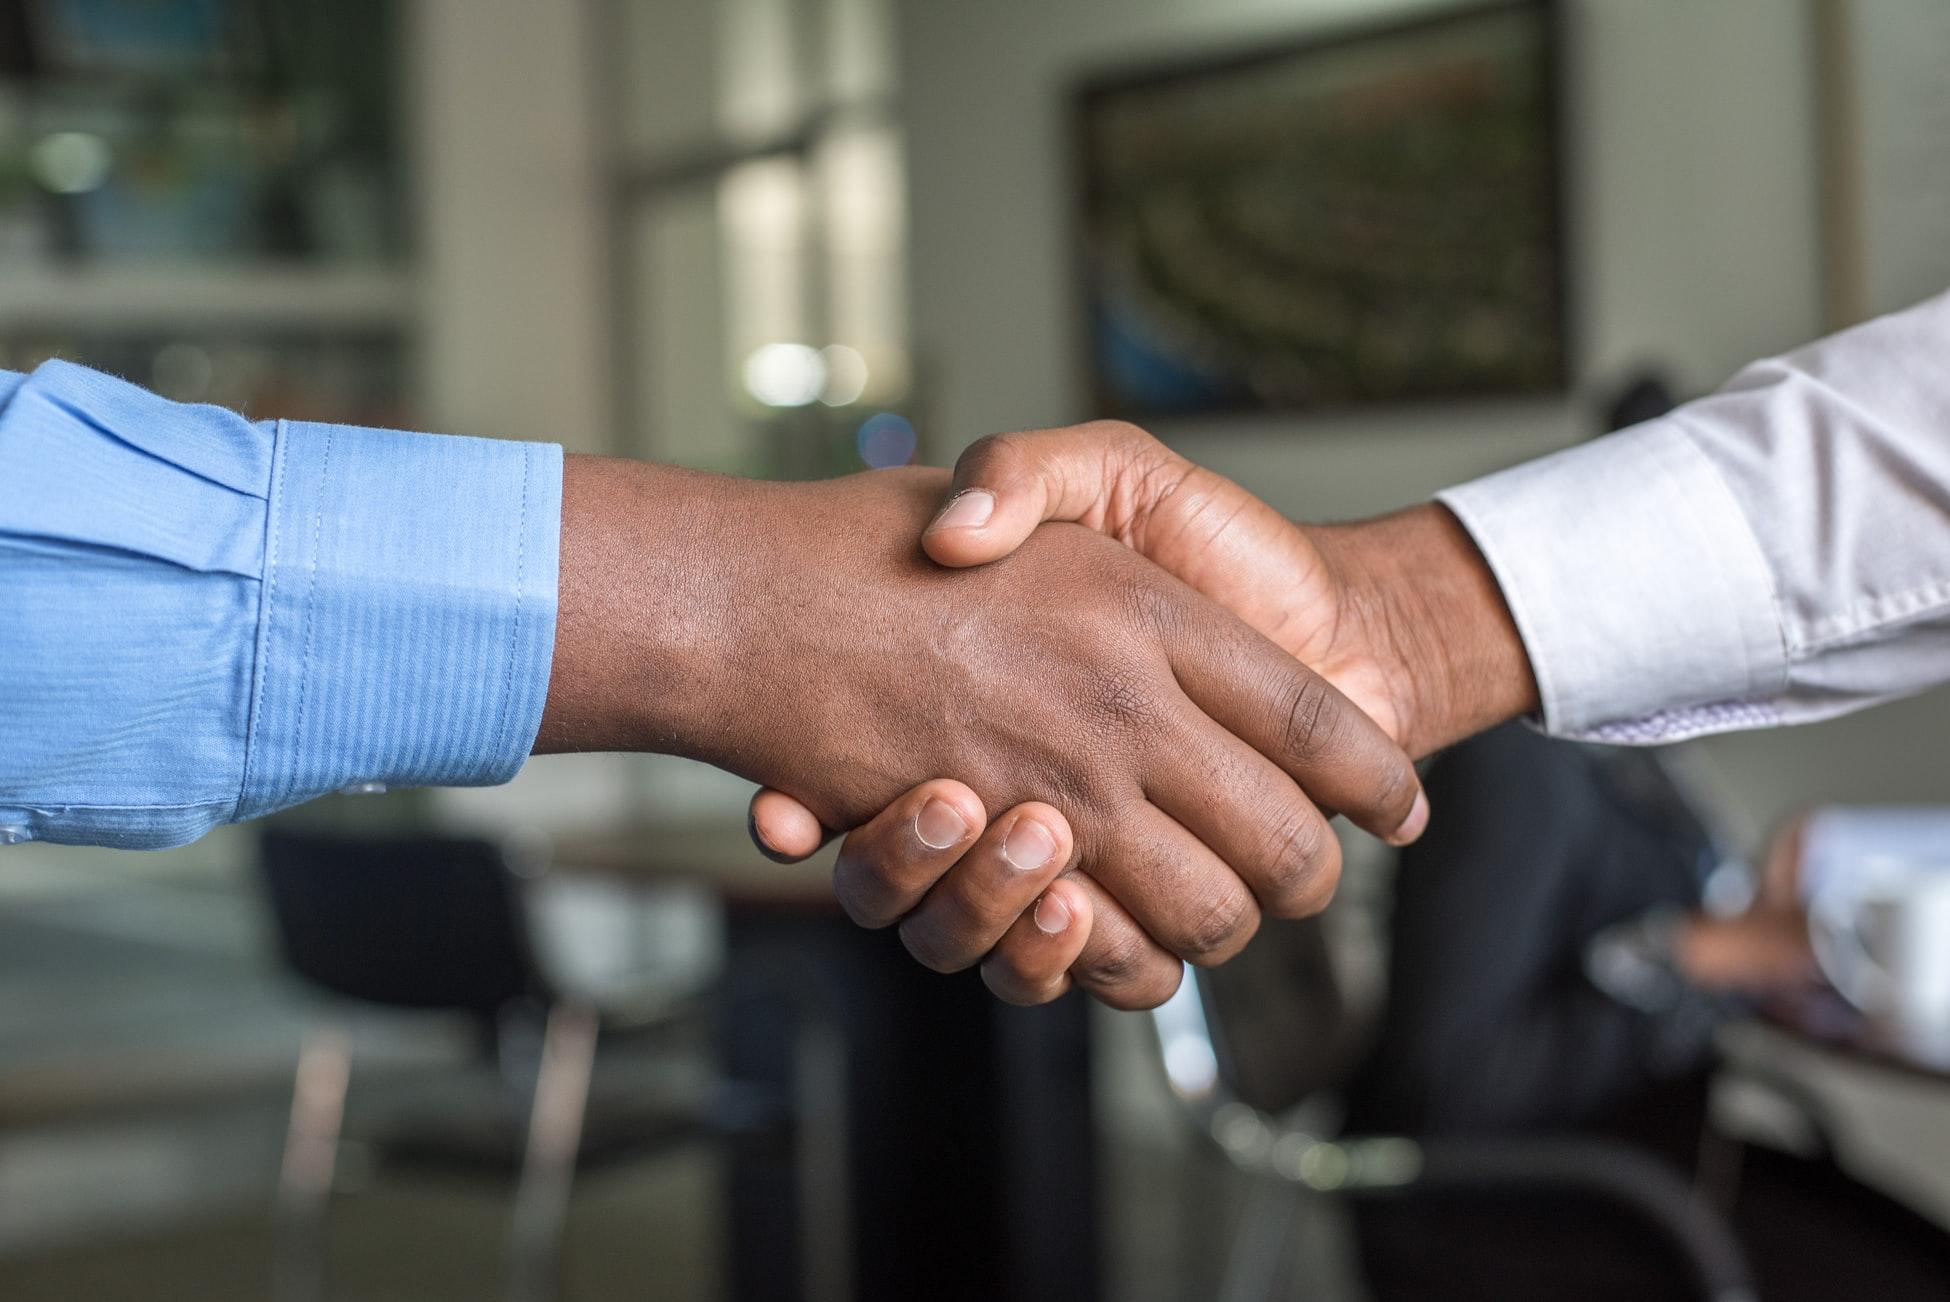 Kundenzufriedenheit steigern: 4 wichtige Faktoren der Lieferkette